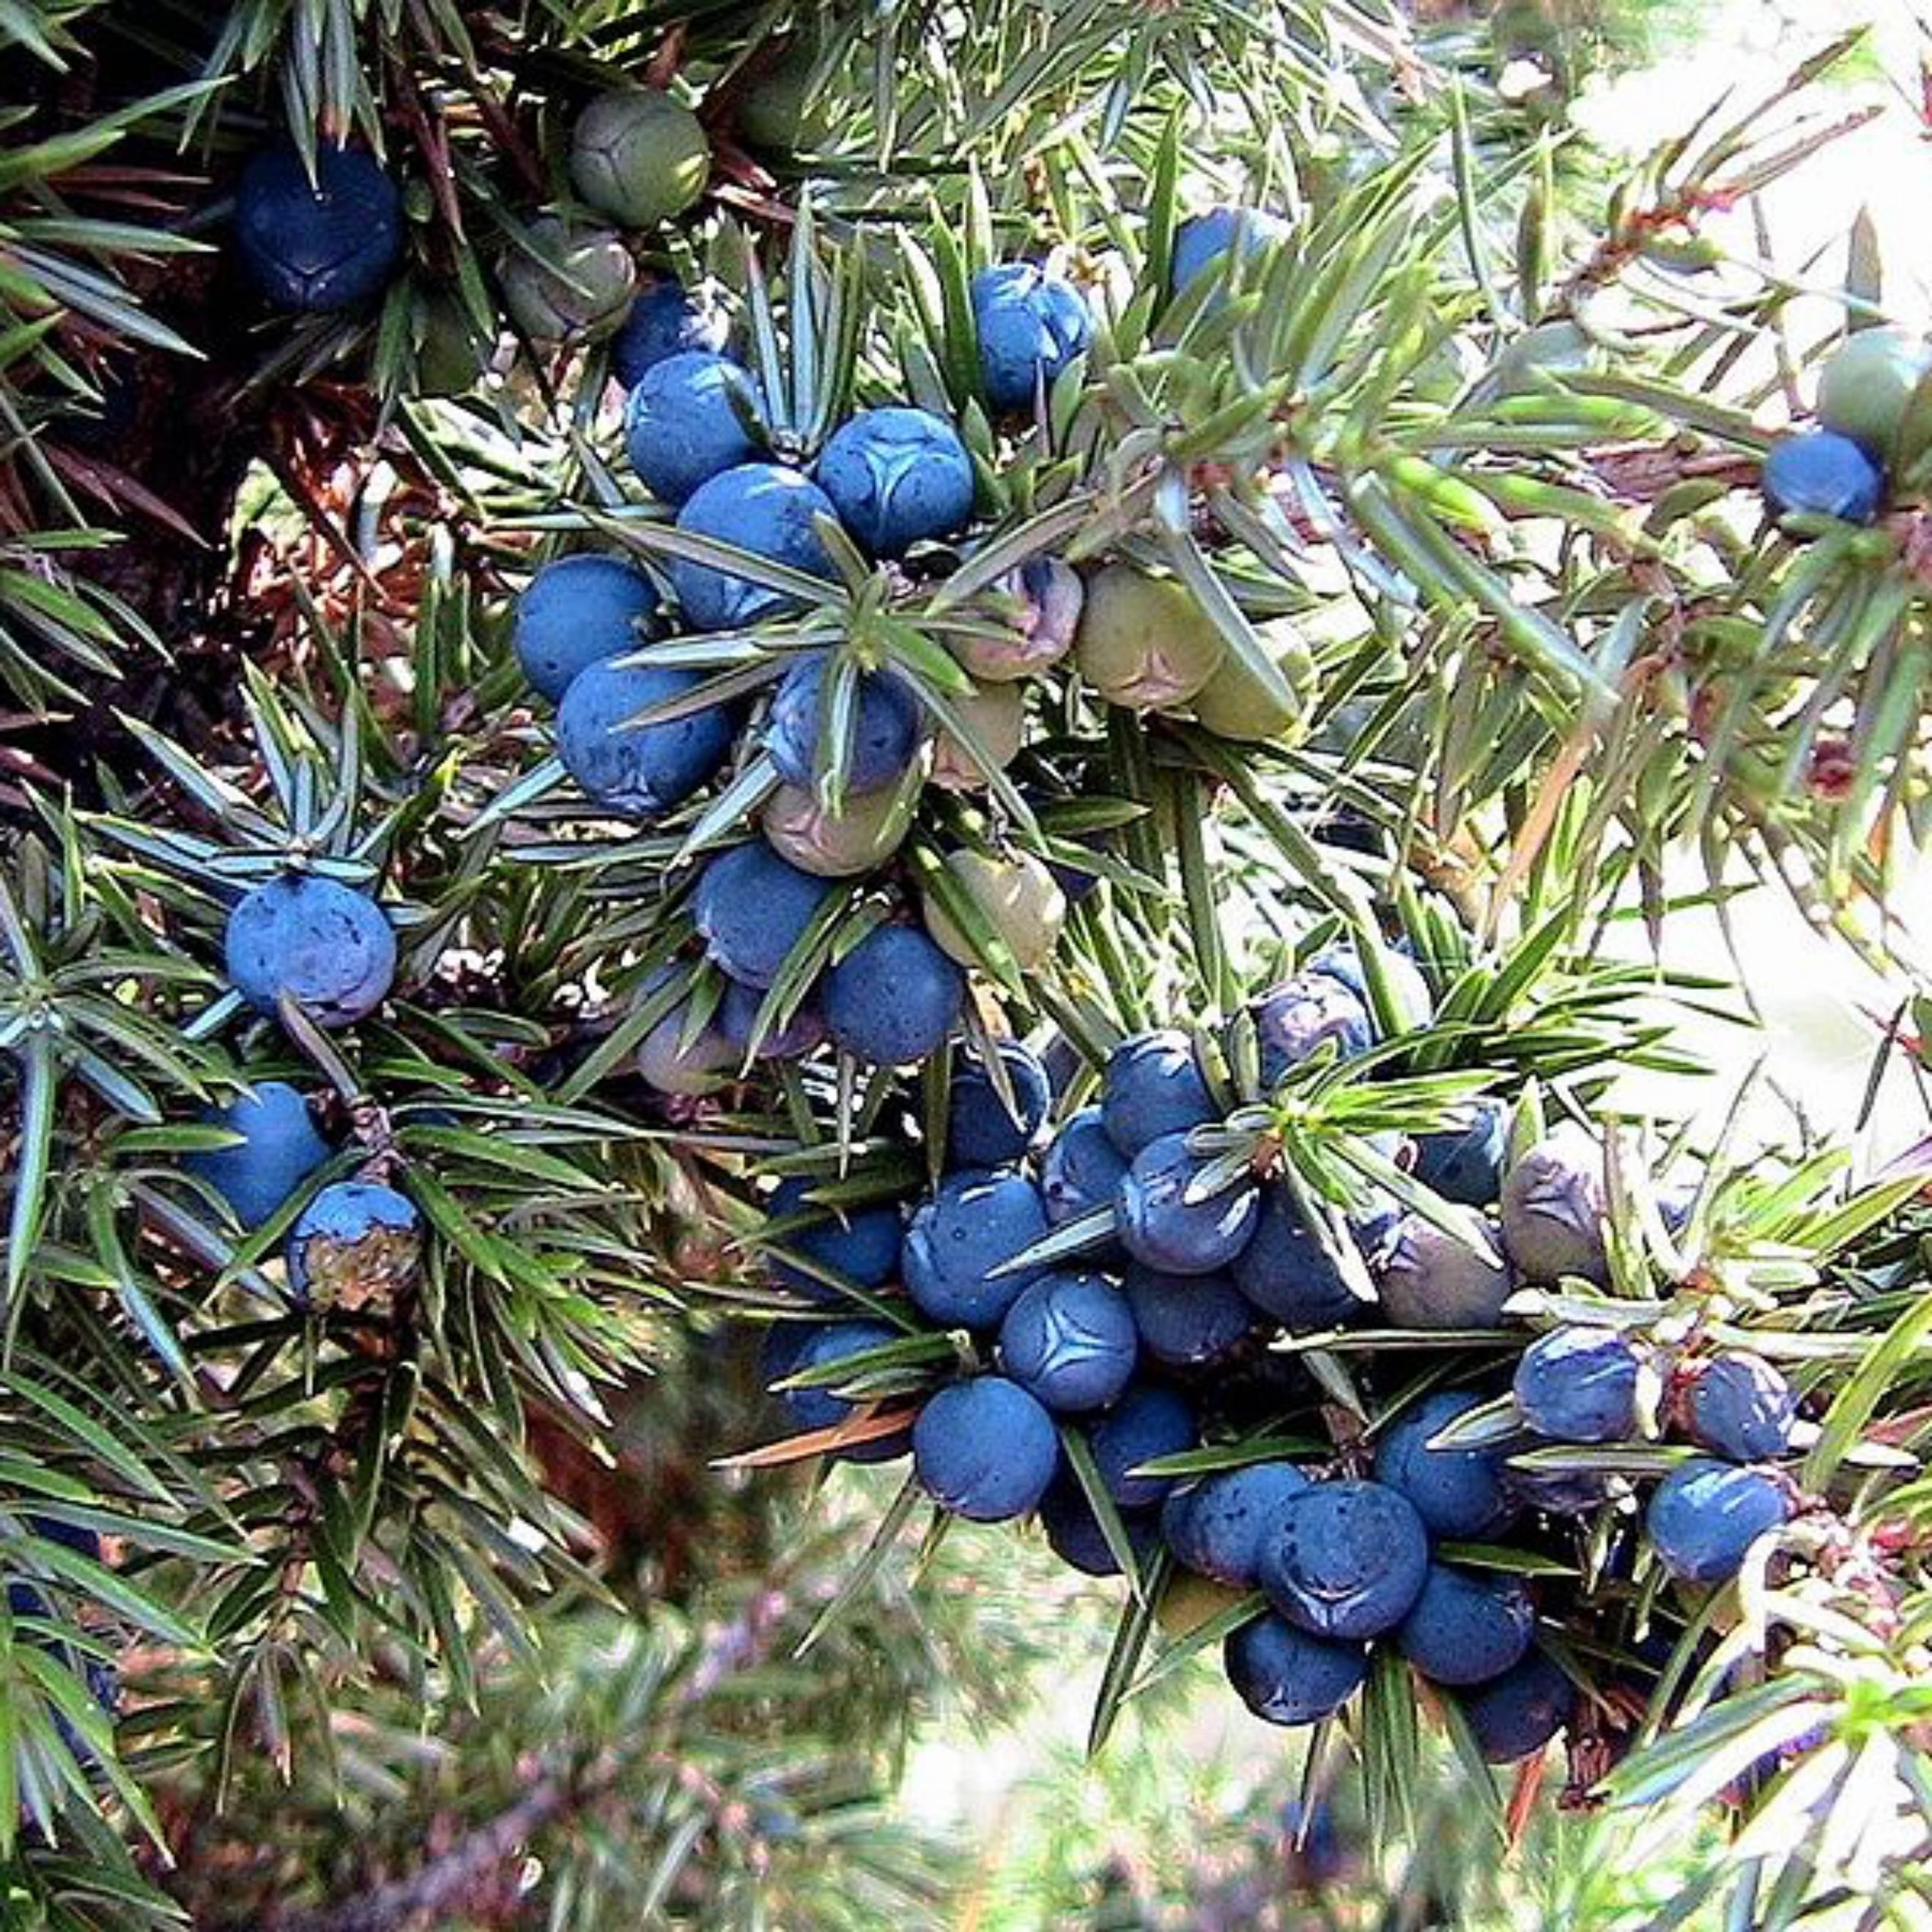 Juniper berries organic wild collection